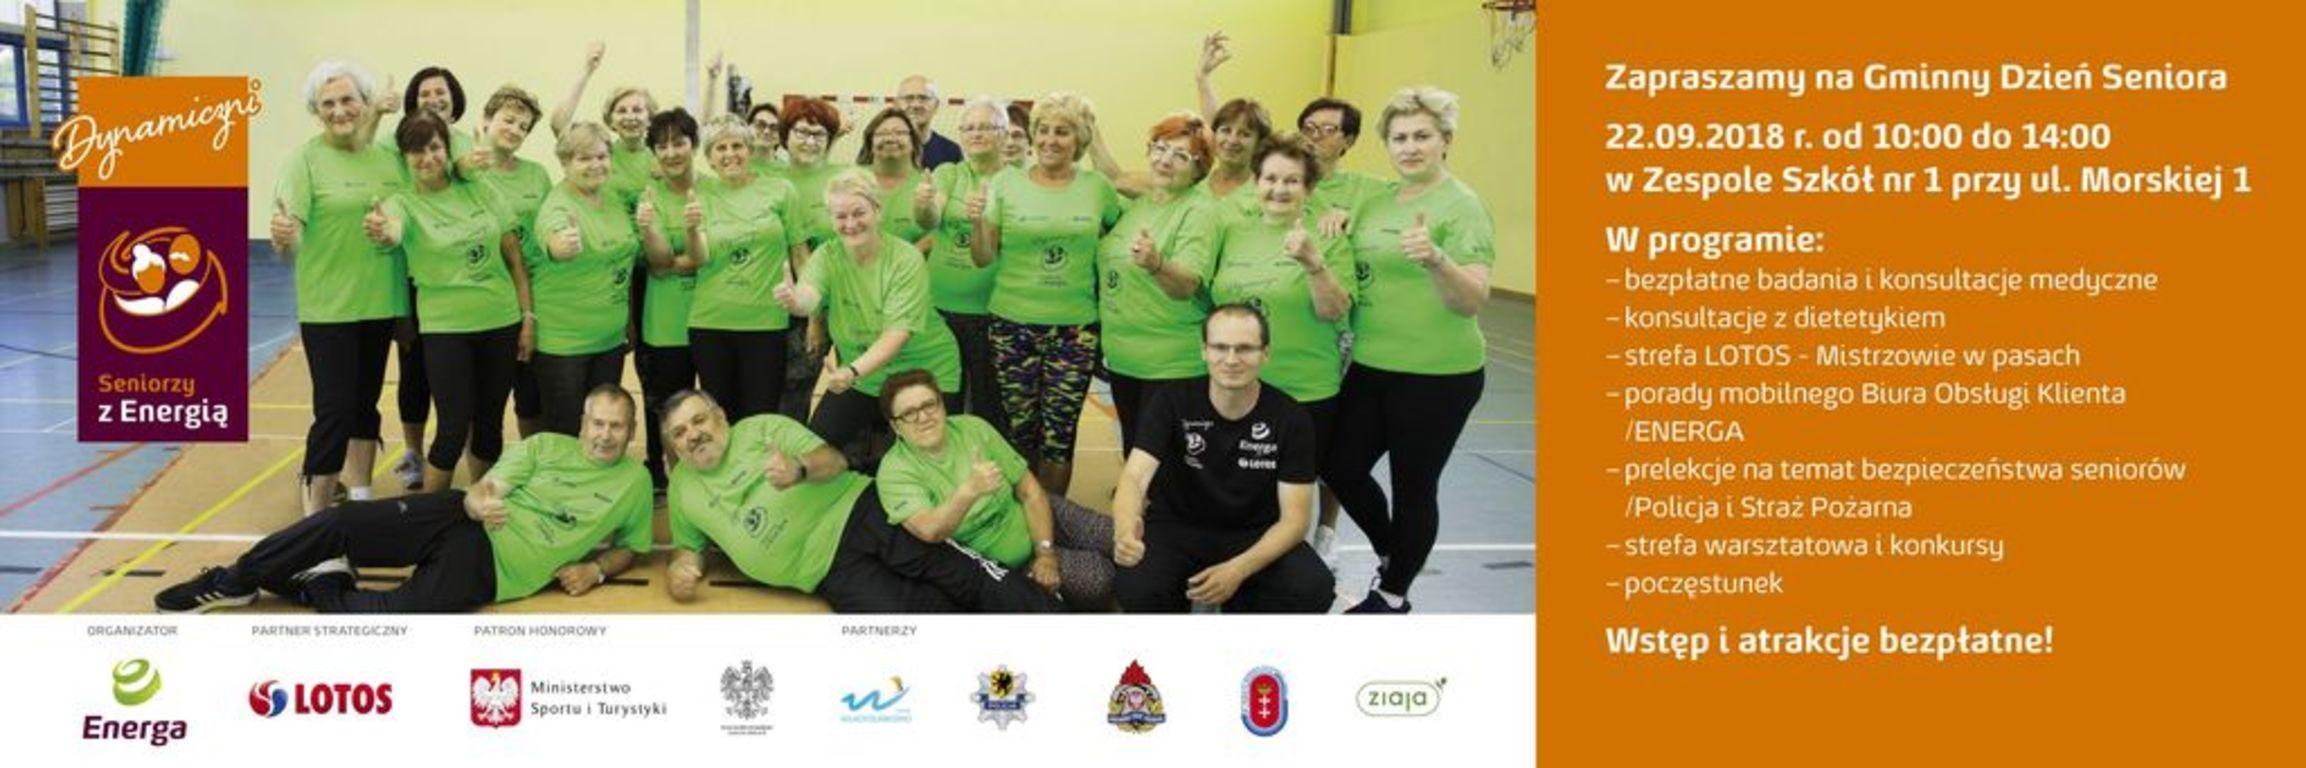 Dzień Seniora Grup Energa i LOTOS we Władysławowie (link otworzy duże zdjęcie)